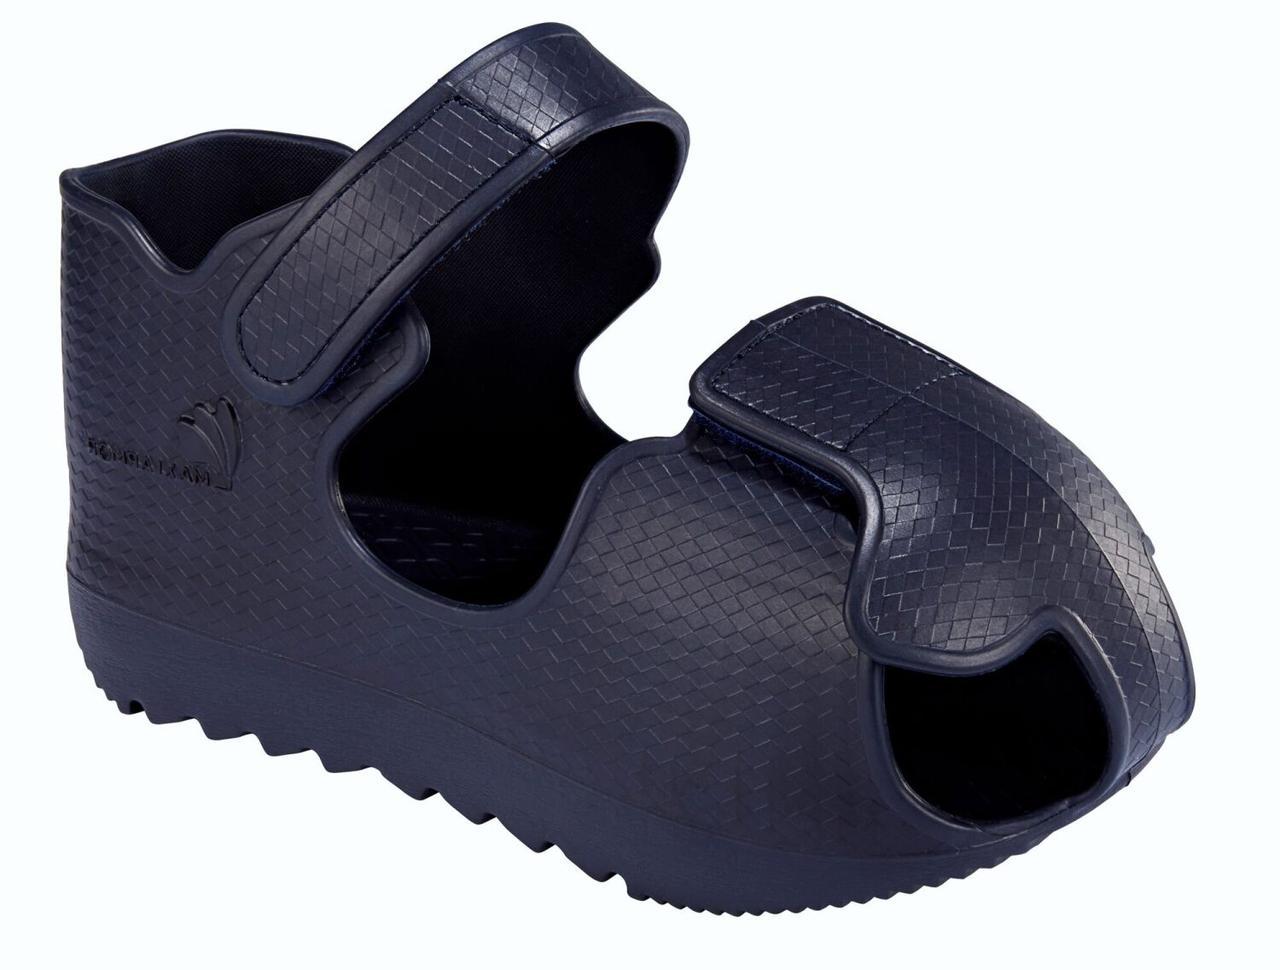 Обувь для хождения в гипсе Qmed Maxi Armor KM-39, цвет темно-синий, размер s